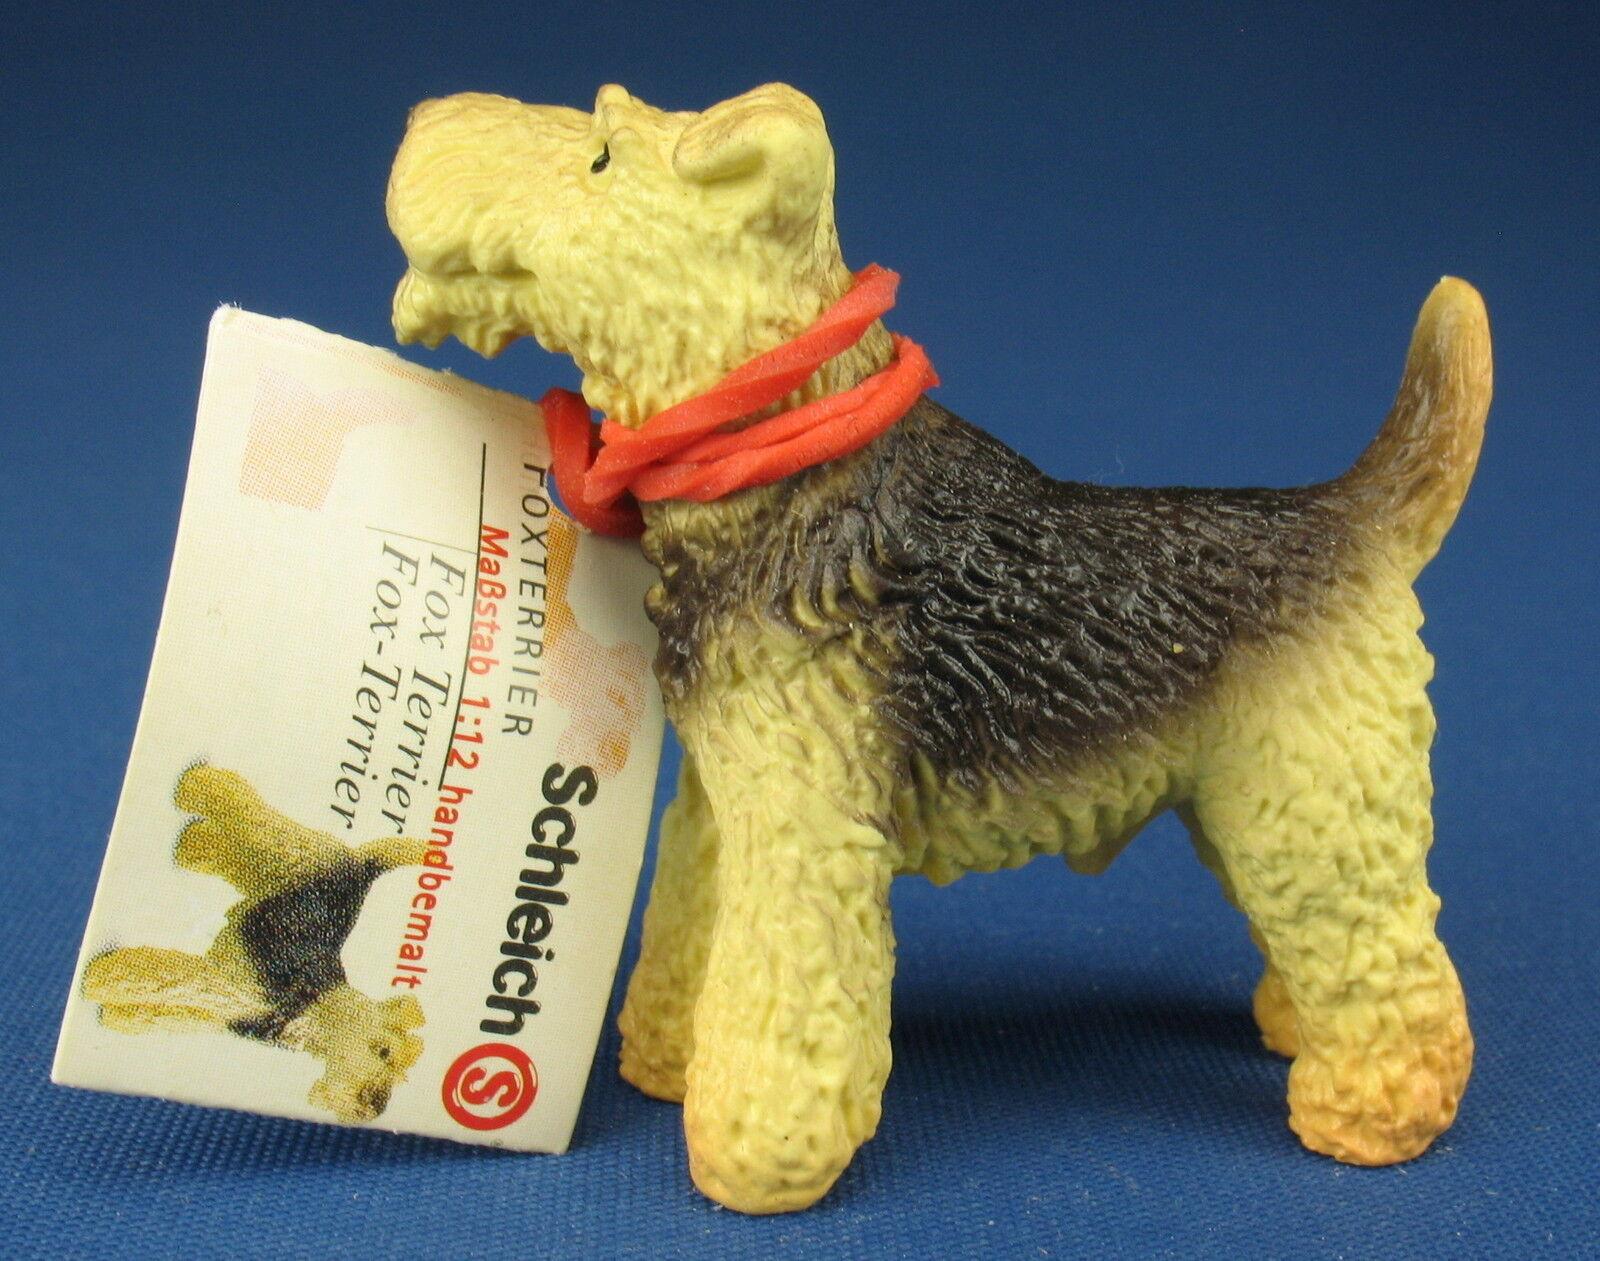 SCHLEICH 16310 - Foxterrier - mit Kärtchen - Fox Terrier - 1:12 - Hund Dog 5